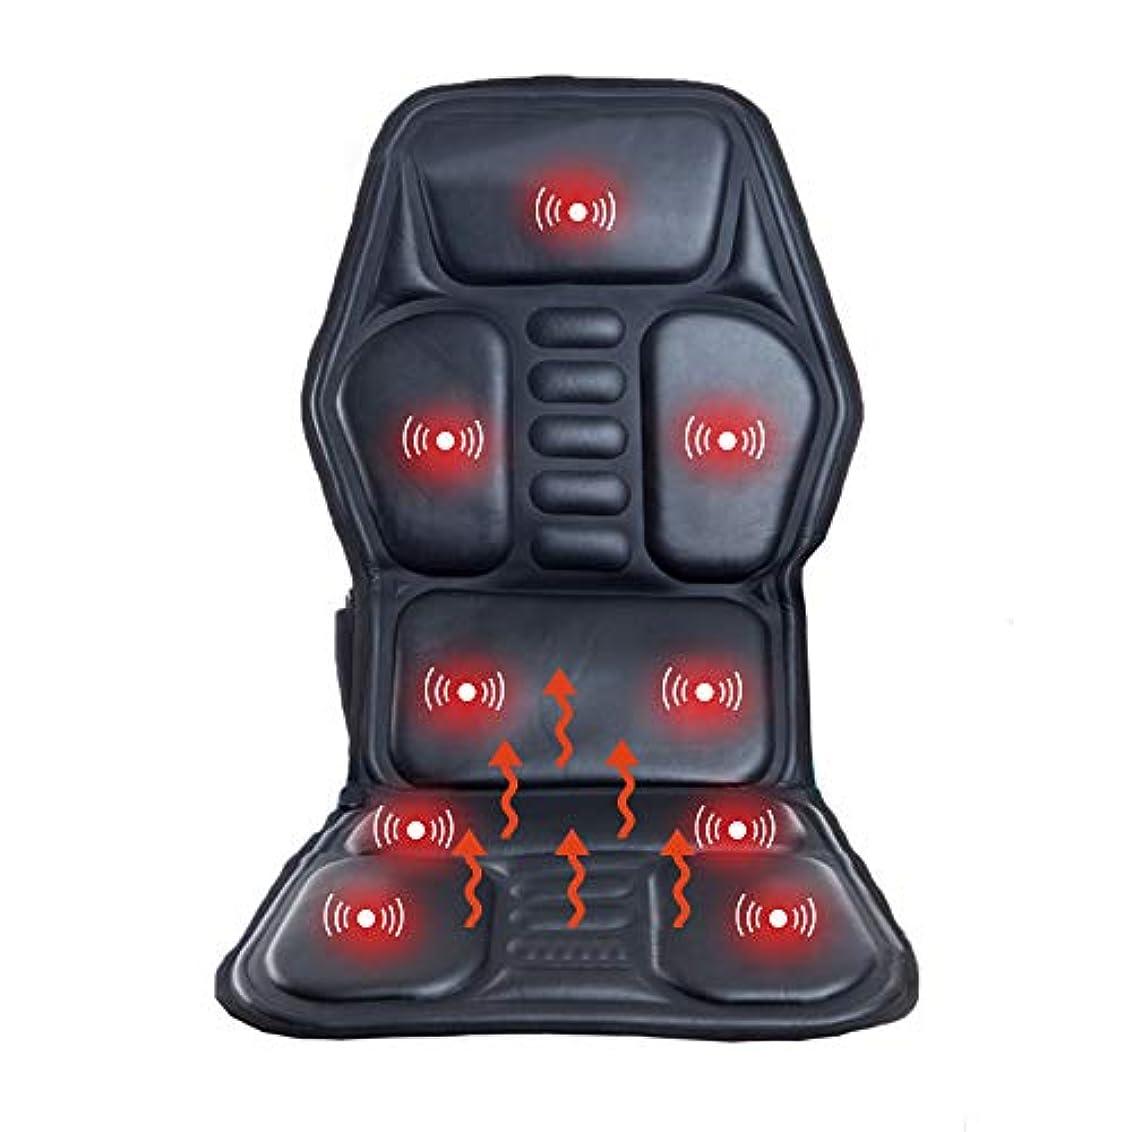 アグネスグレイ愛情深い満足させるカーシートバックマッサージャー 9モーター振動 ヒートチェアパッド 8つのモード 車のホームオフィスチェアのための